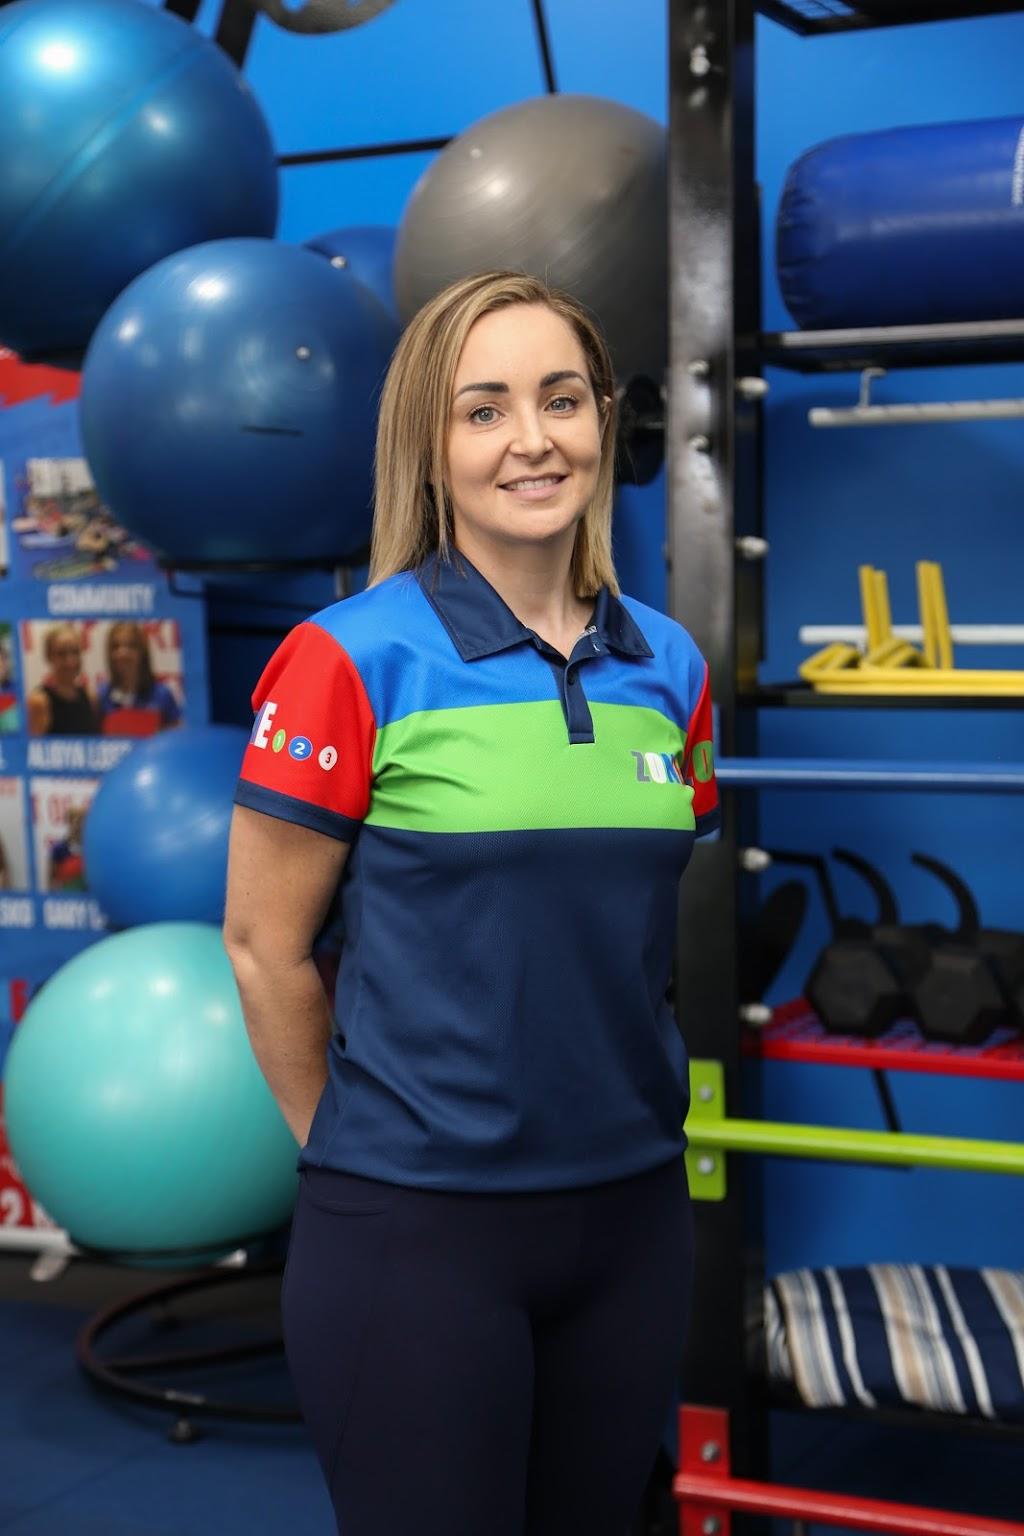 Zone Health Club Gym Maroochydore | Sunshine Coast | gym | Shop 4/27 Evans St, Maroochydore QLD 4556, Australia | 0412604810 OR +61 412 604 810